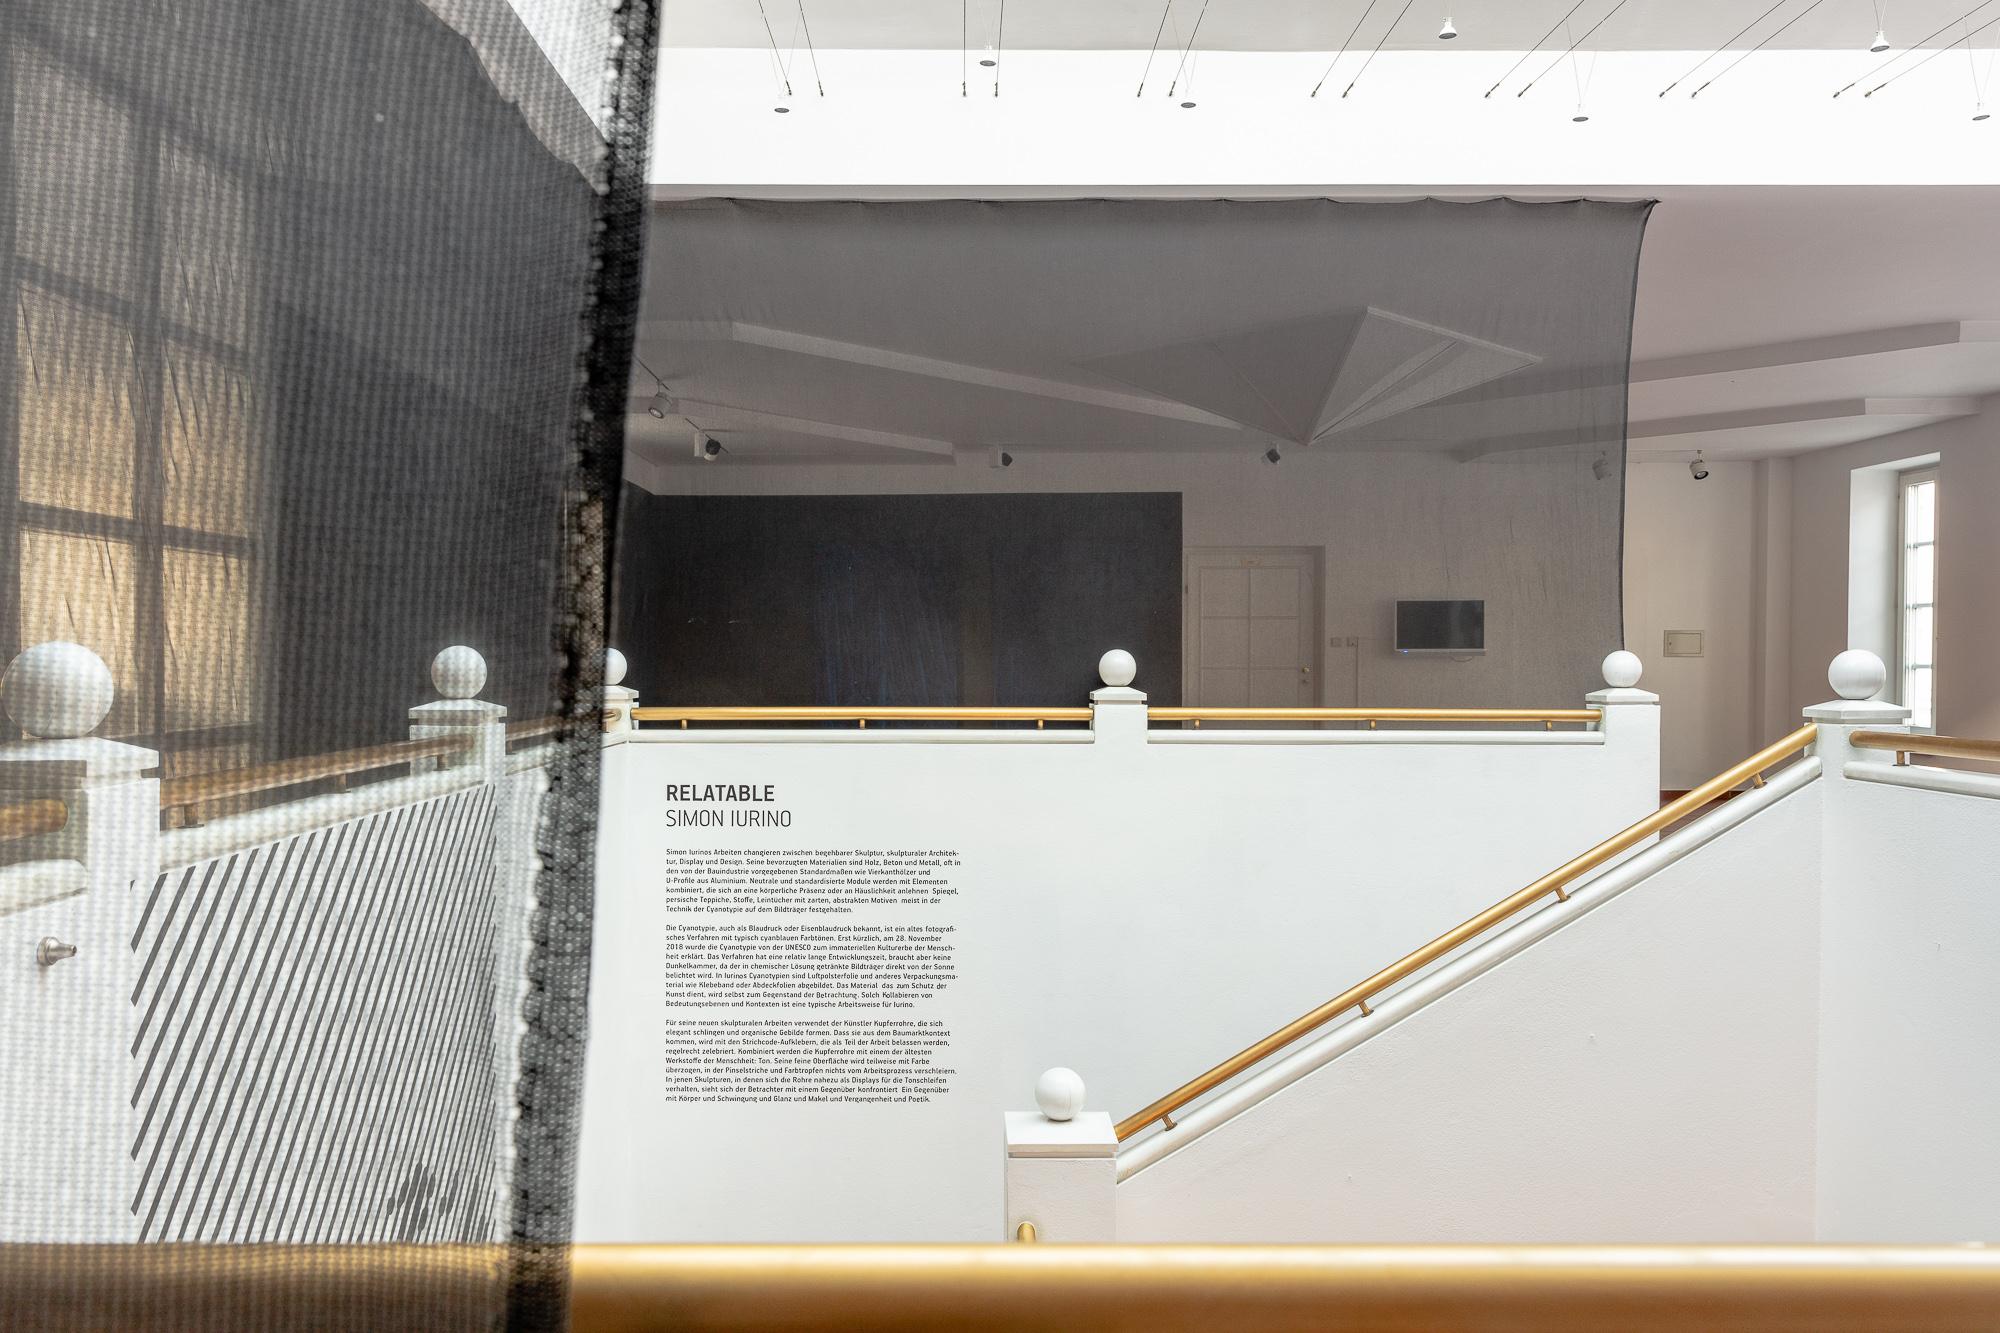 2019_03_05_Simon Iurino_Ausstellungsansichten_011_web.jpg